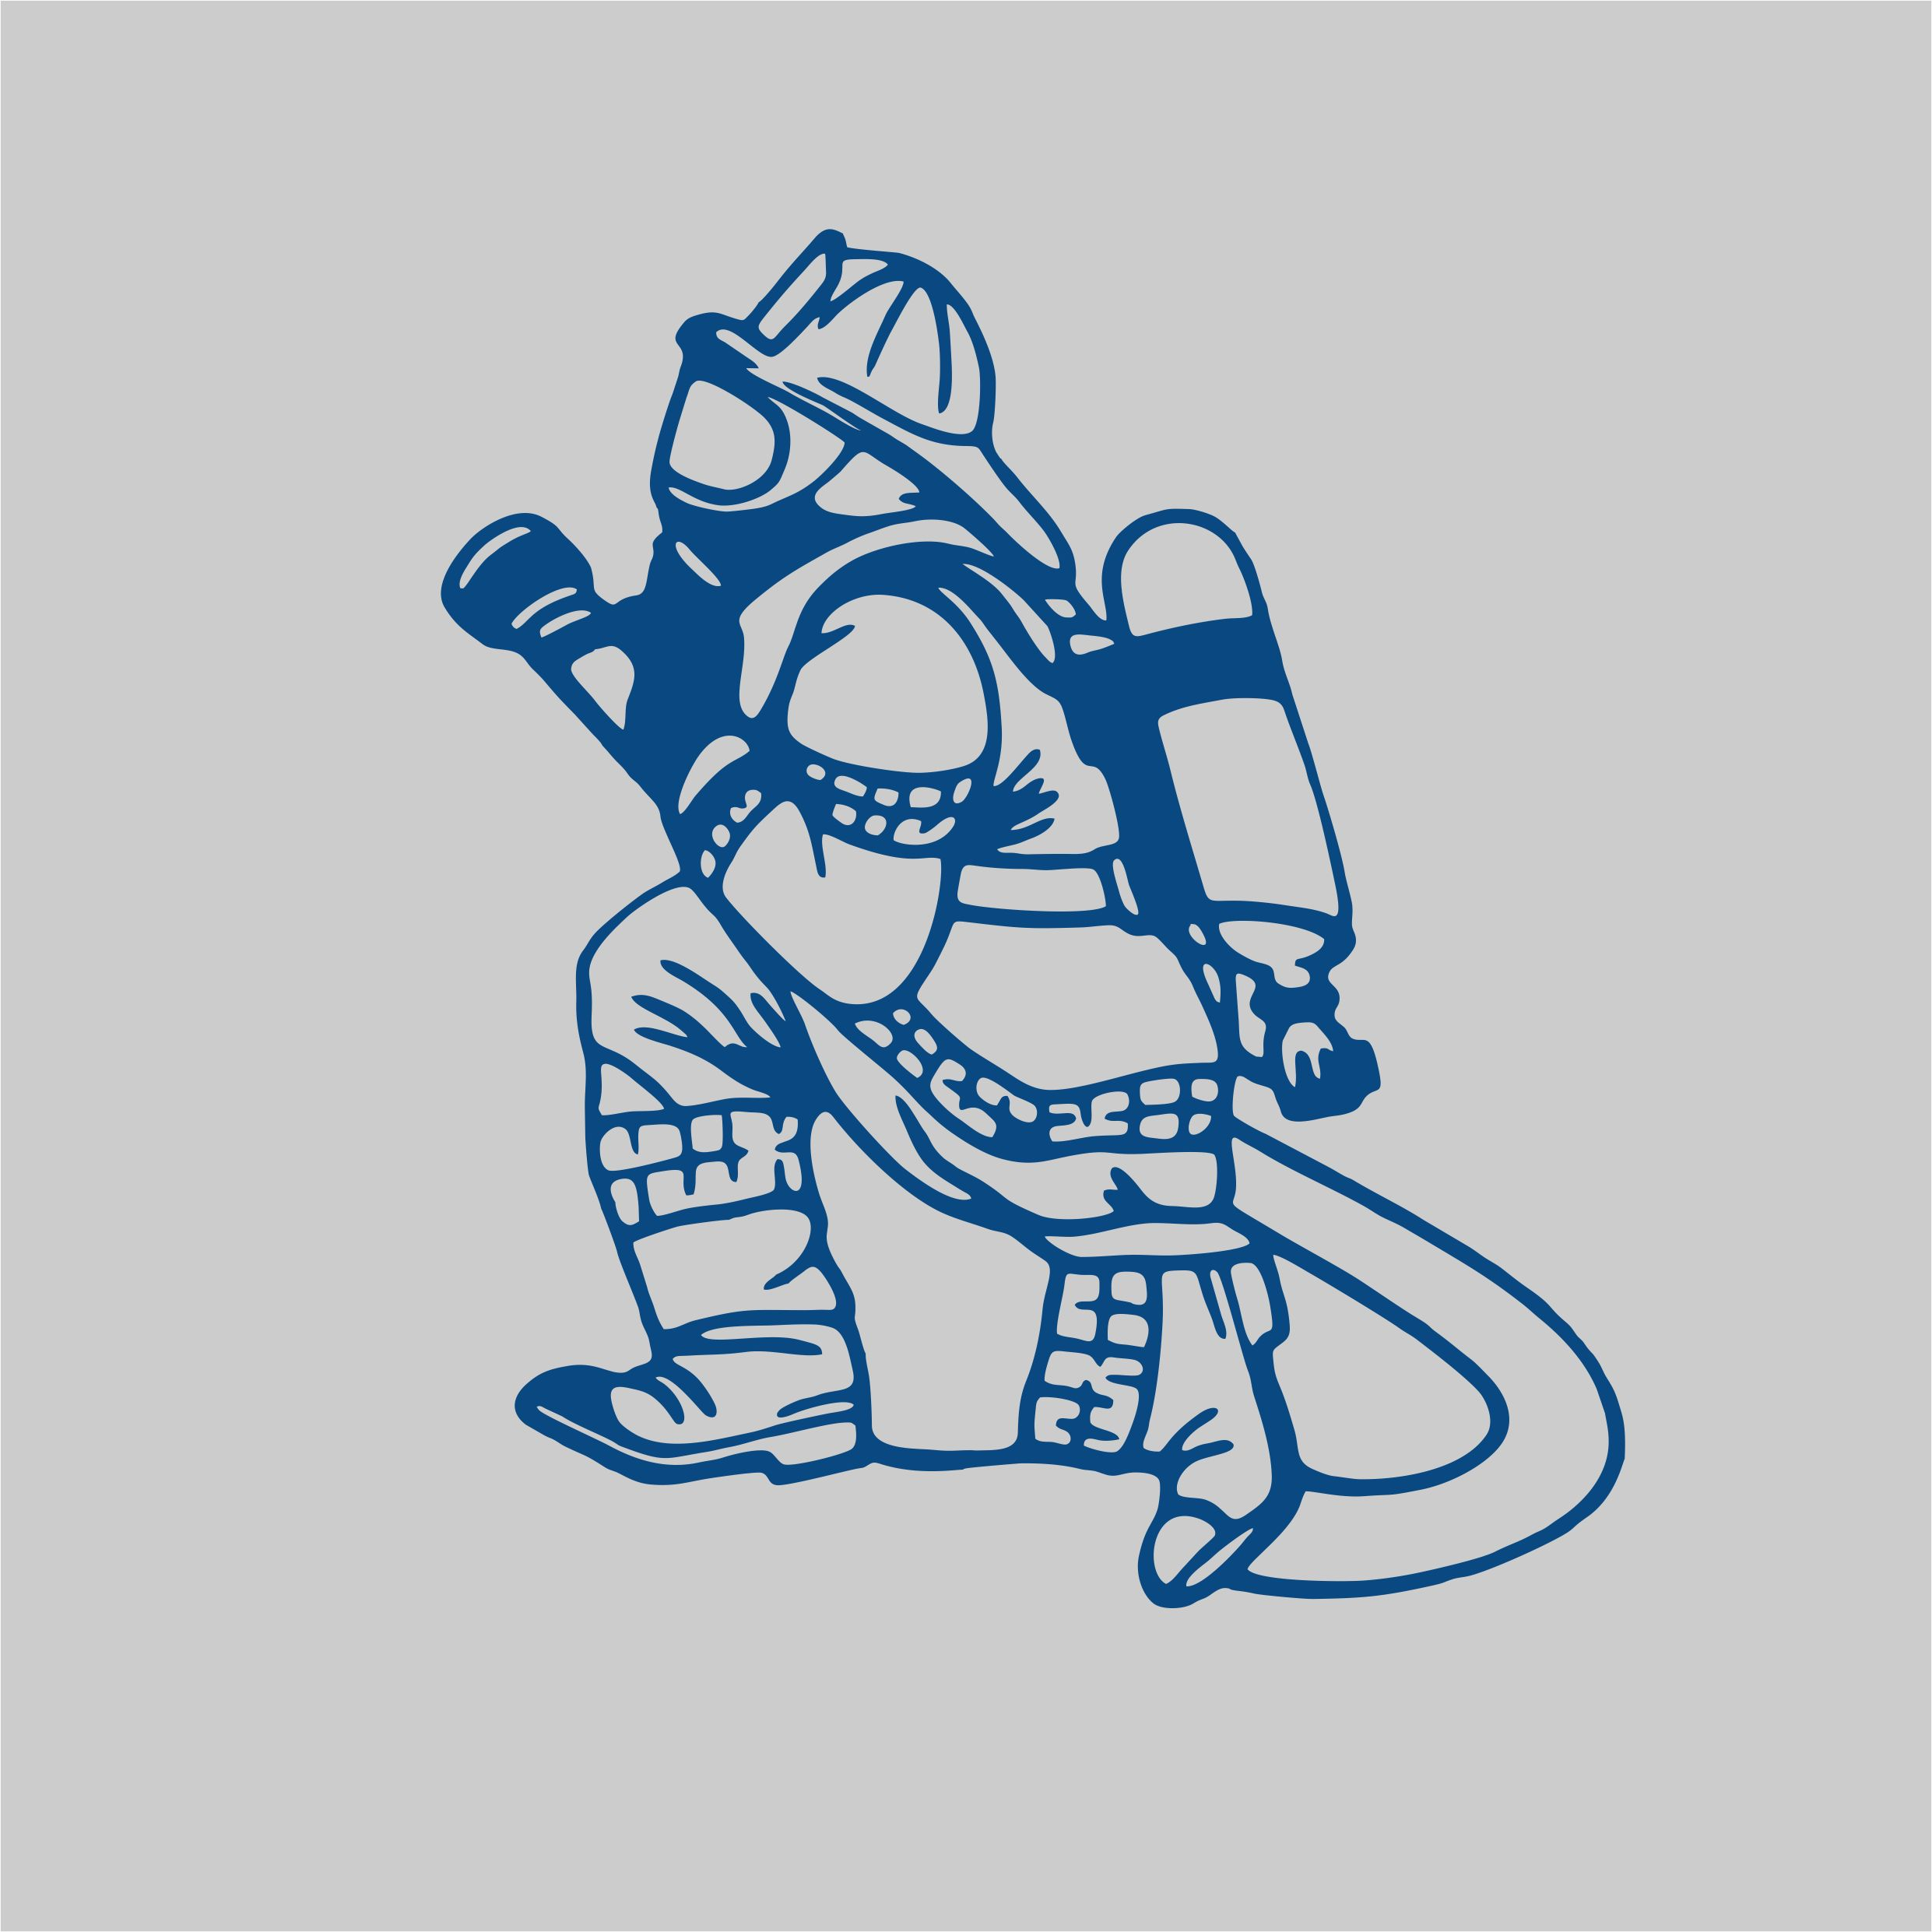 в аду обстановка знакомая im firefighter